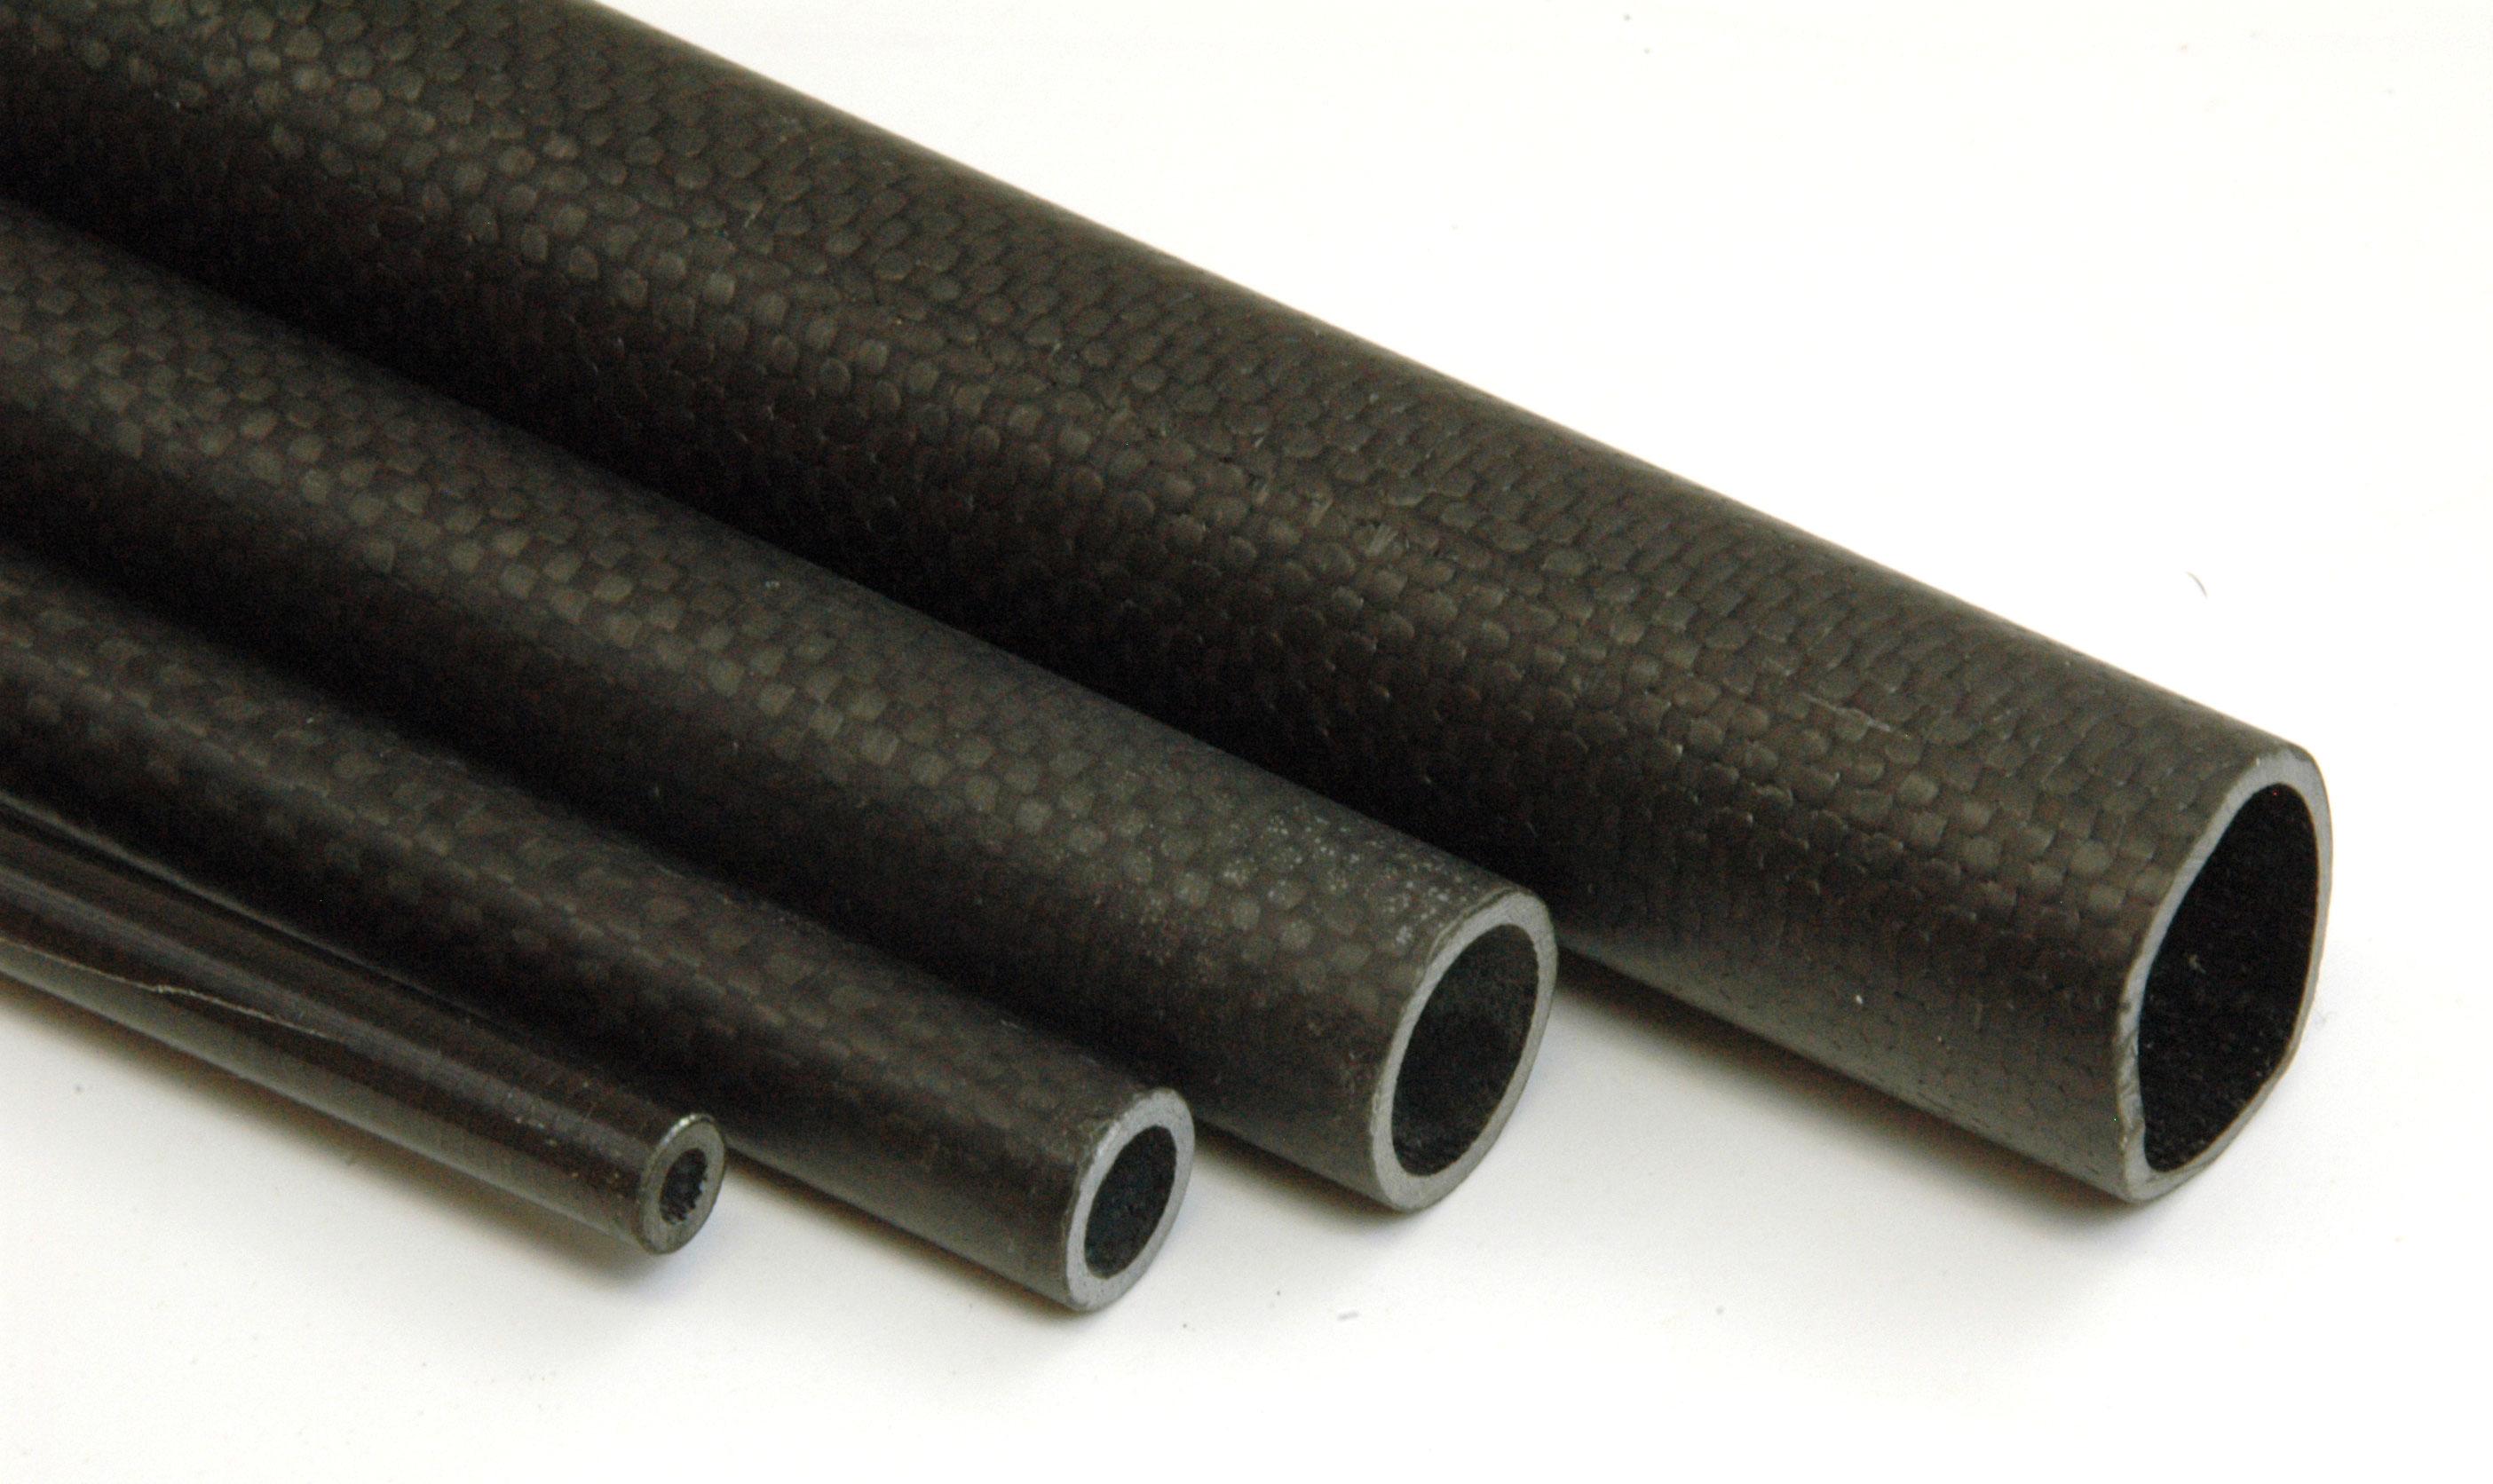 Mm Fibre Glass Tube Rod